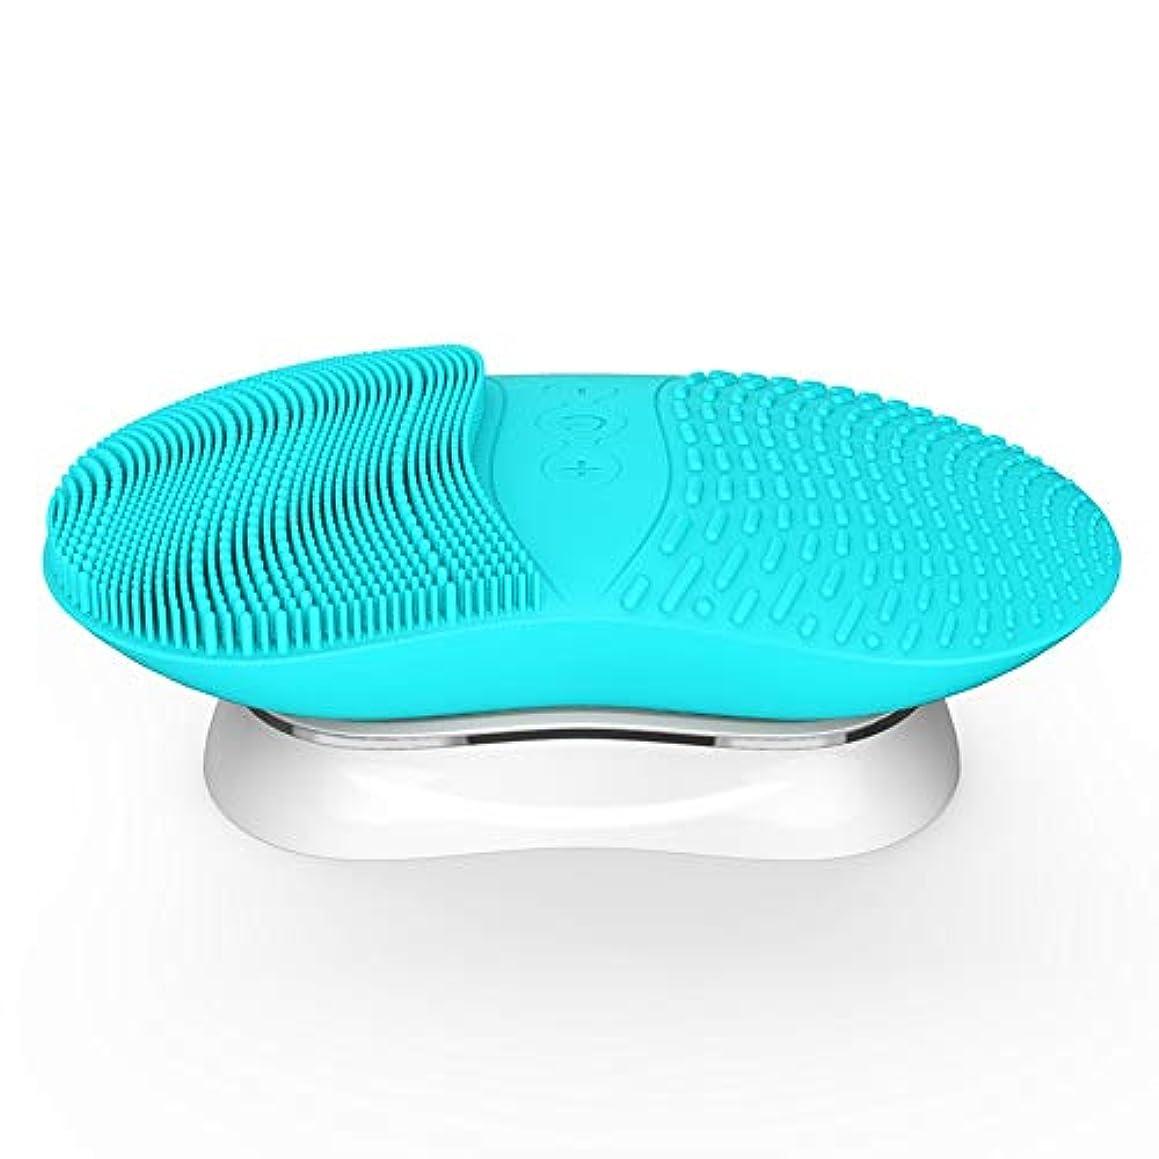 アロング散髪パイZXF 新ワイヤレス充電シリコンクレンジングブラシ超音波振動ディープクリーン防水暖かさクレンジング美容機器クレンジング機器 滑らかである